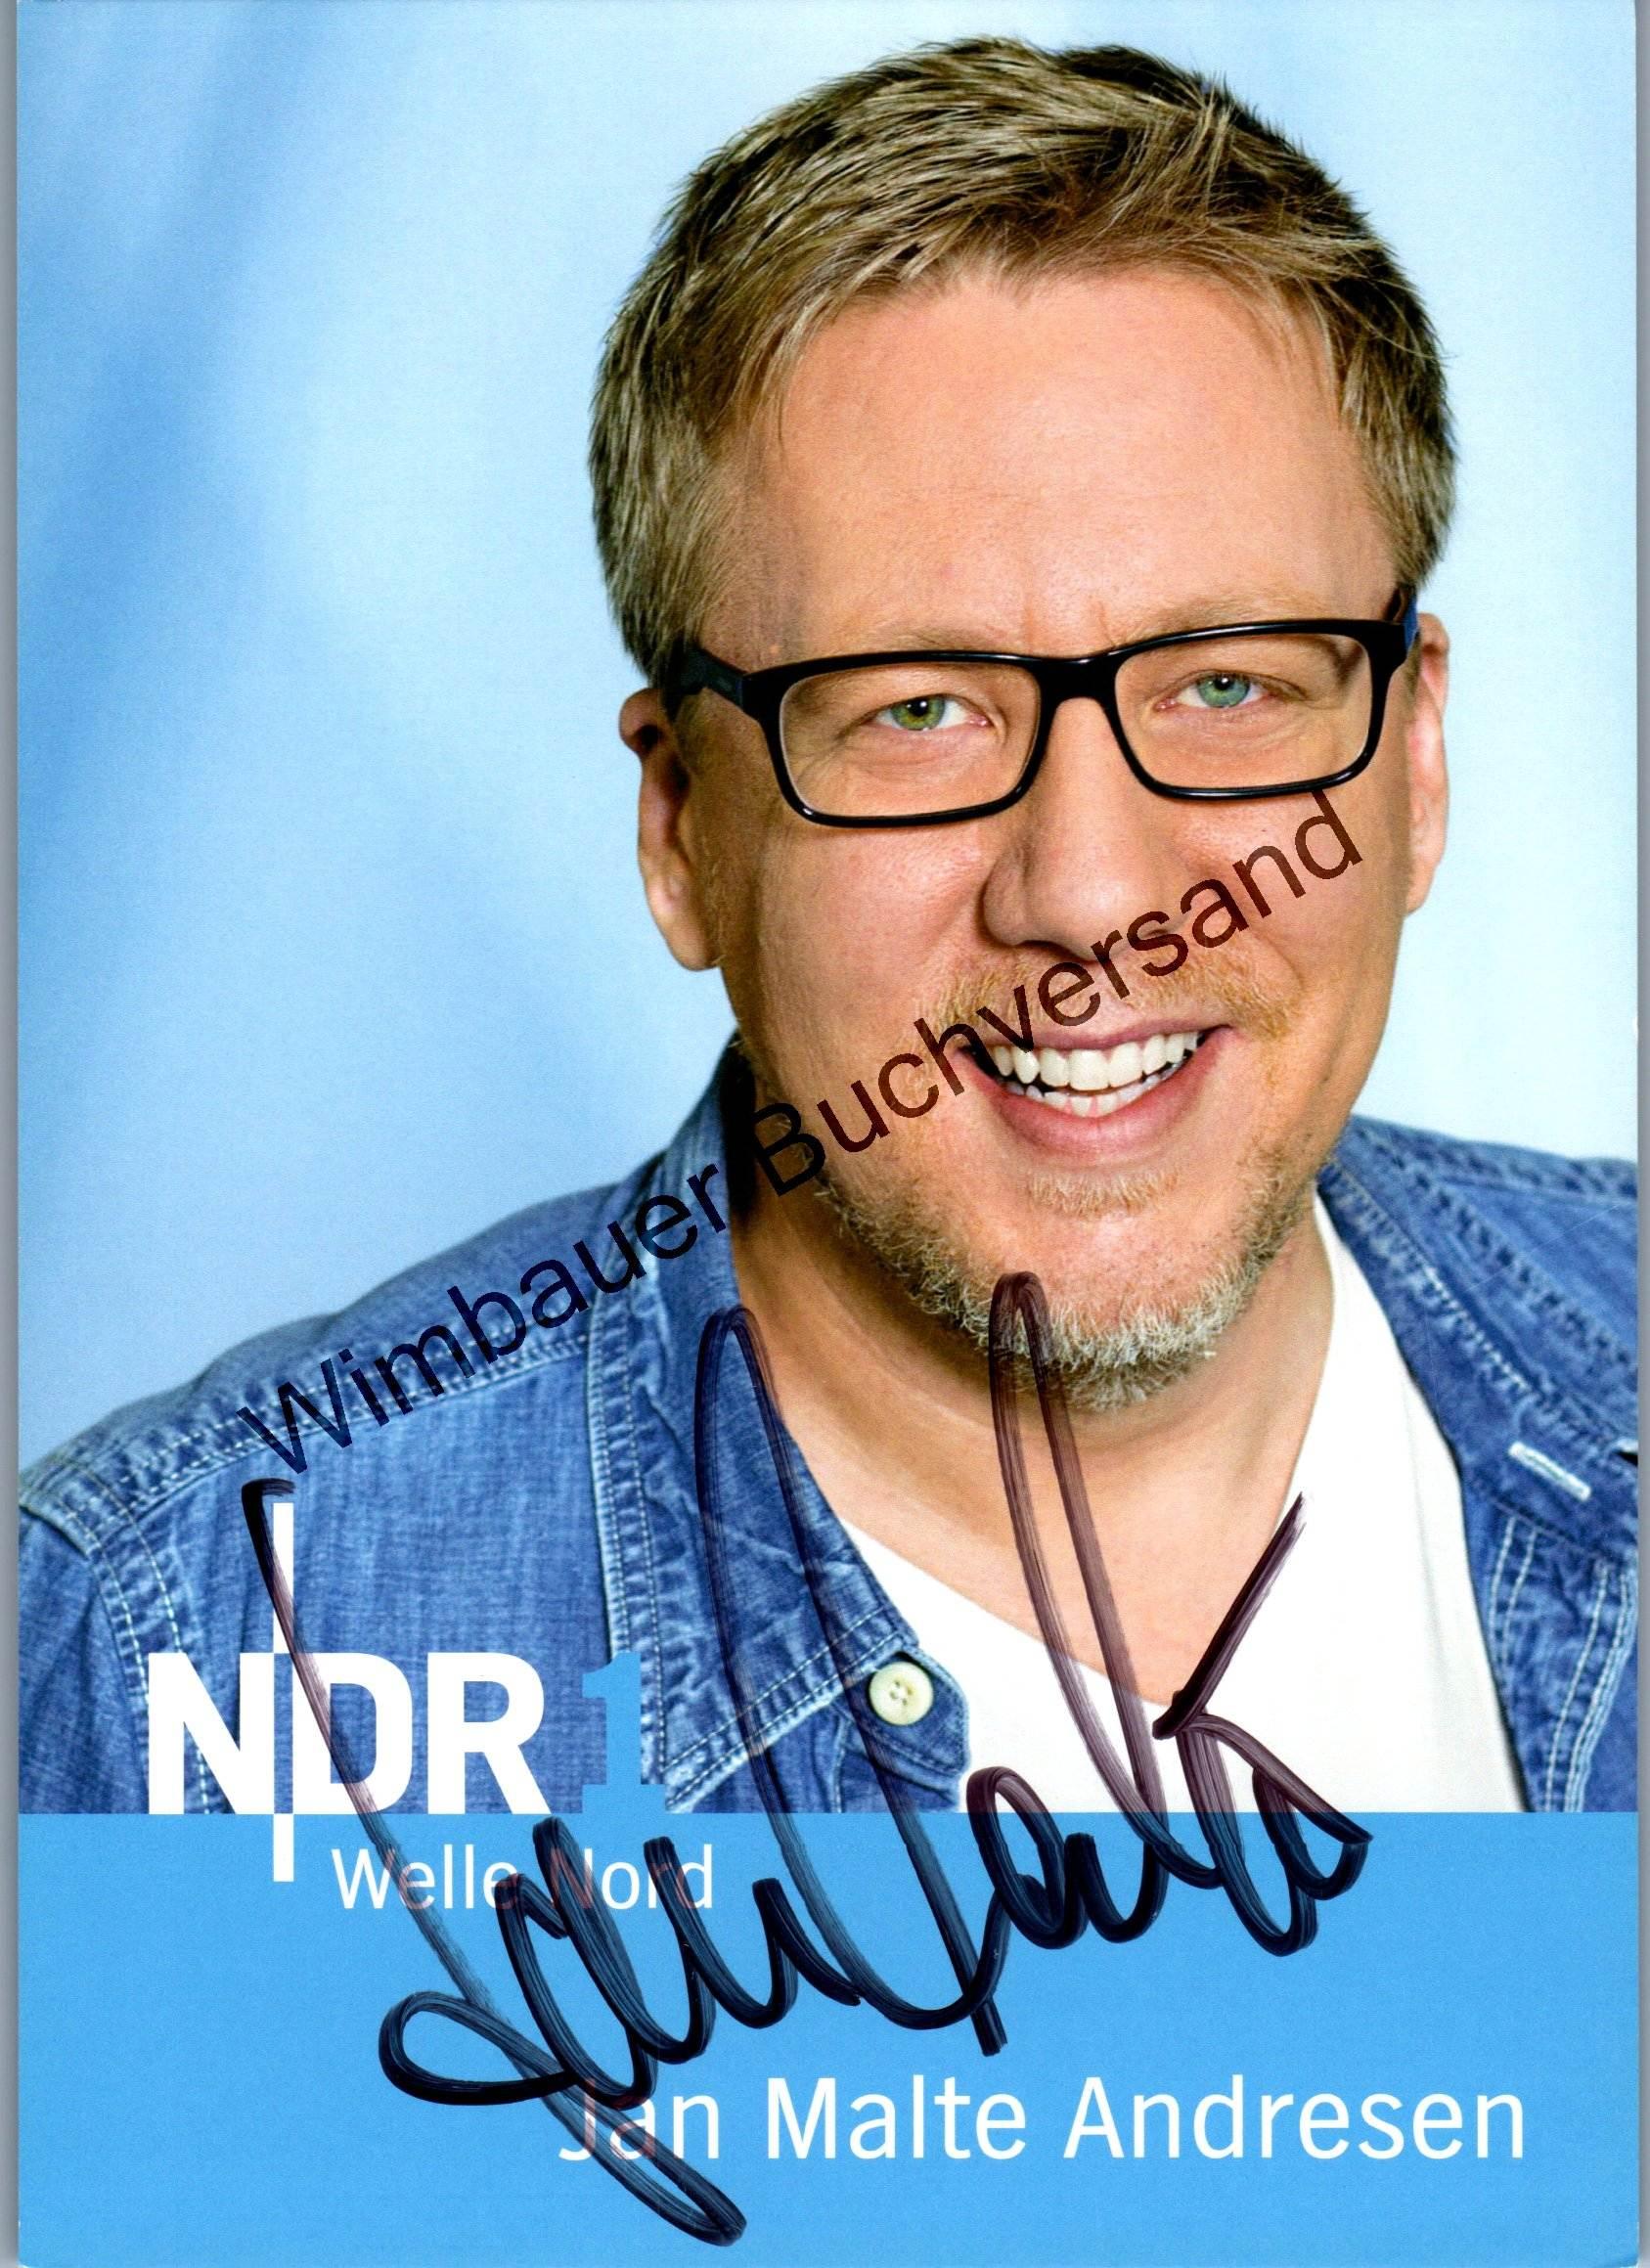 Original Autogramm Jan Malte Andresen Welle Nord NDR1 /// Autogramm Autograph signiert signed signee